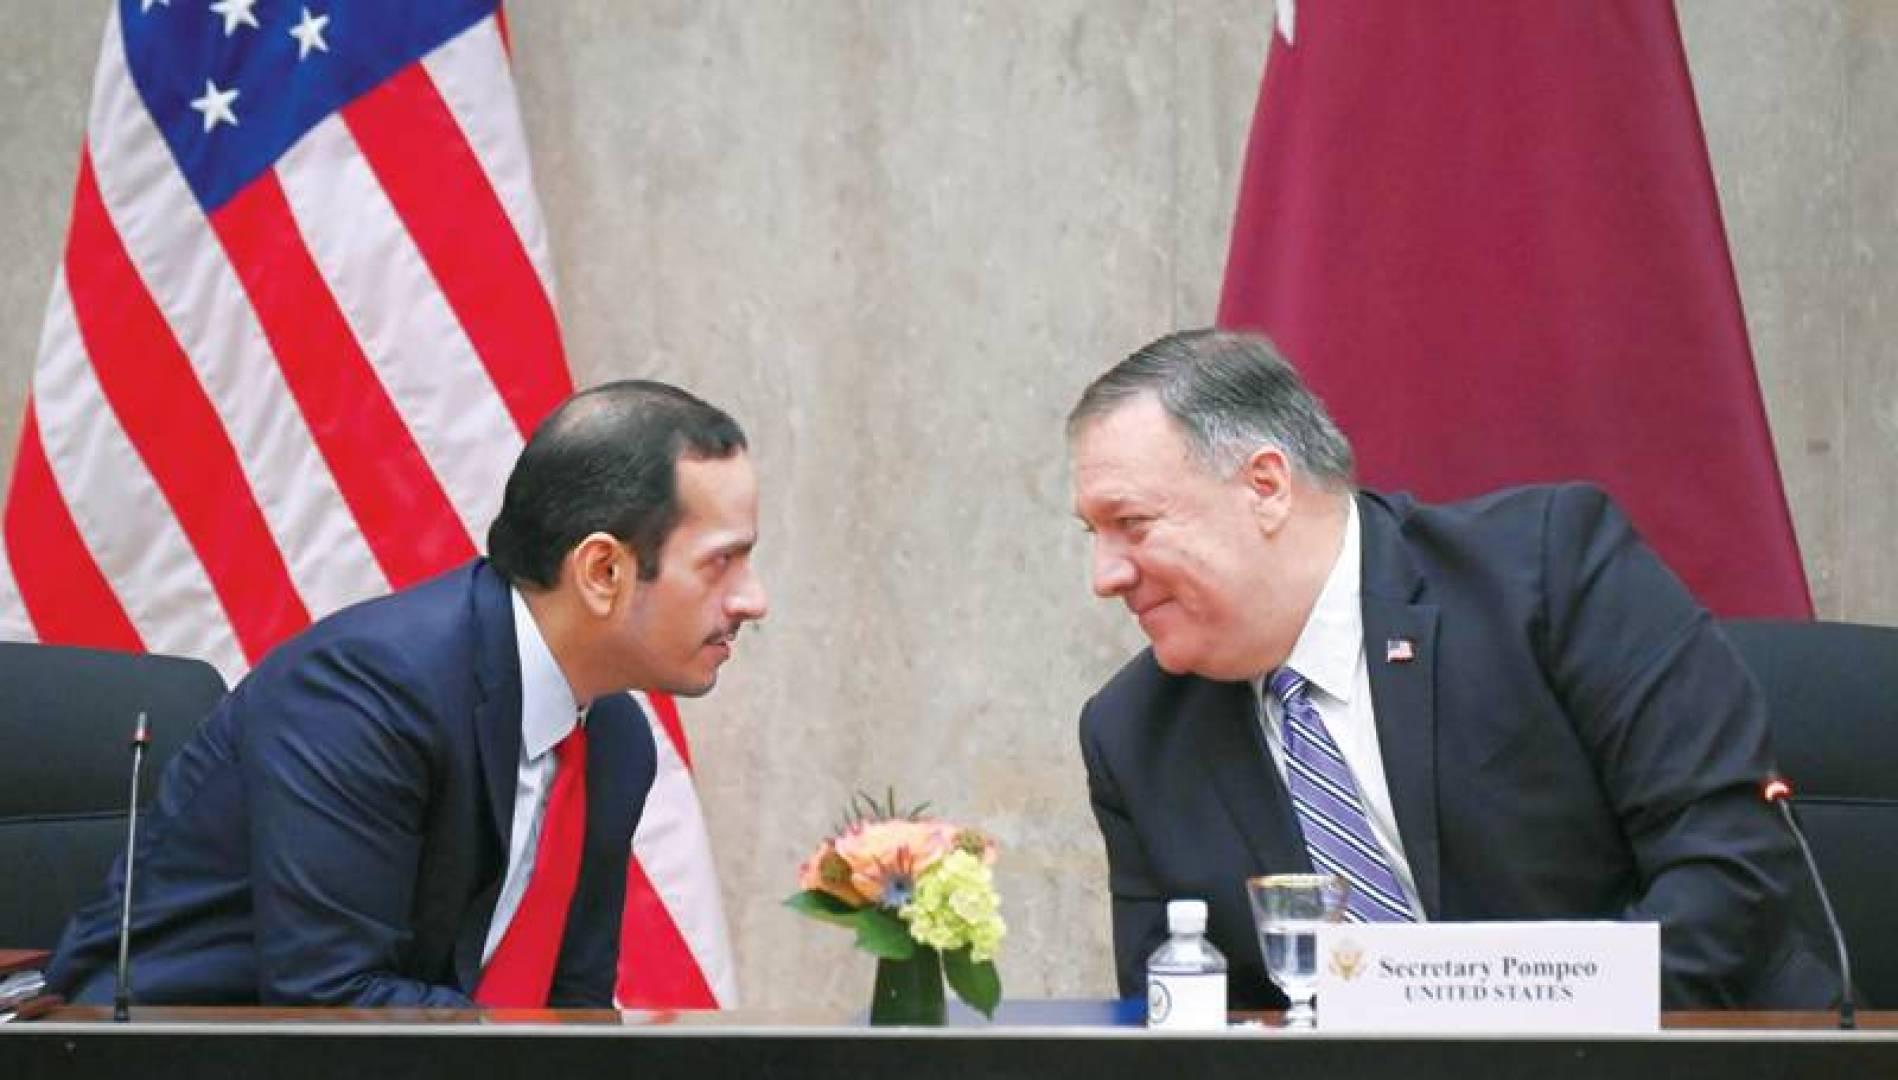 بومبيو ومحمد عبدالرحمن آل ثاني خلال افتتاح الحوار الإستراتيجي أمس (أ.ف.ب)